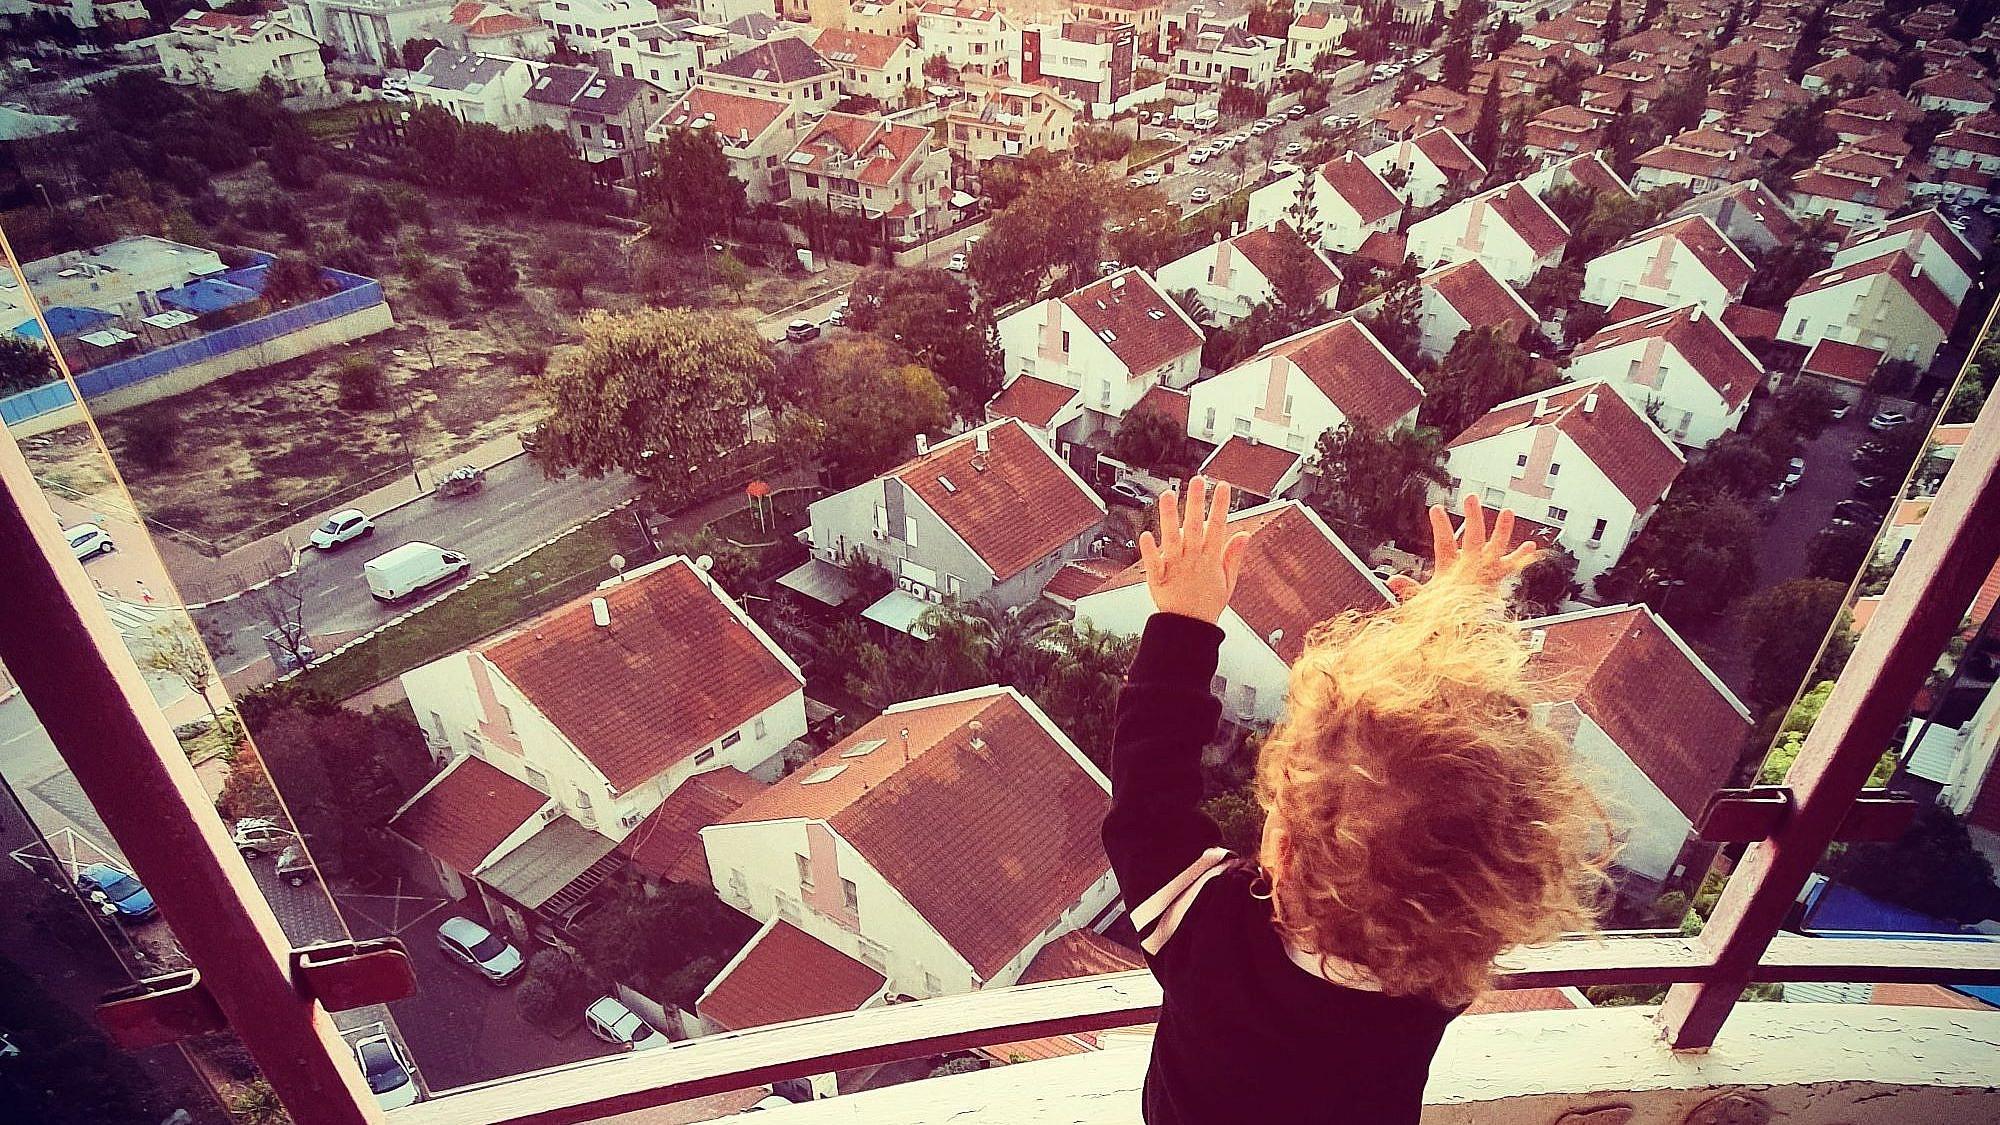 בית קט עם גג אדום, כל שנבקש לו יהי. צילום: שני שחם, ראשון לציון